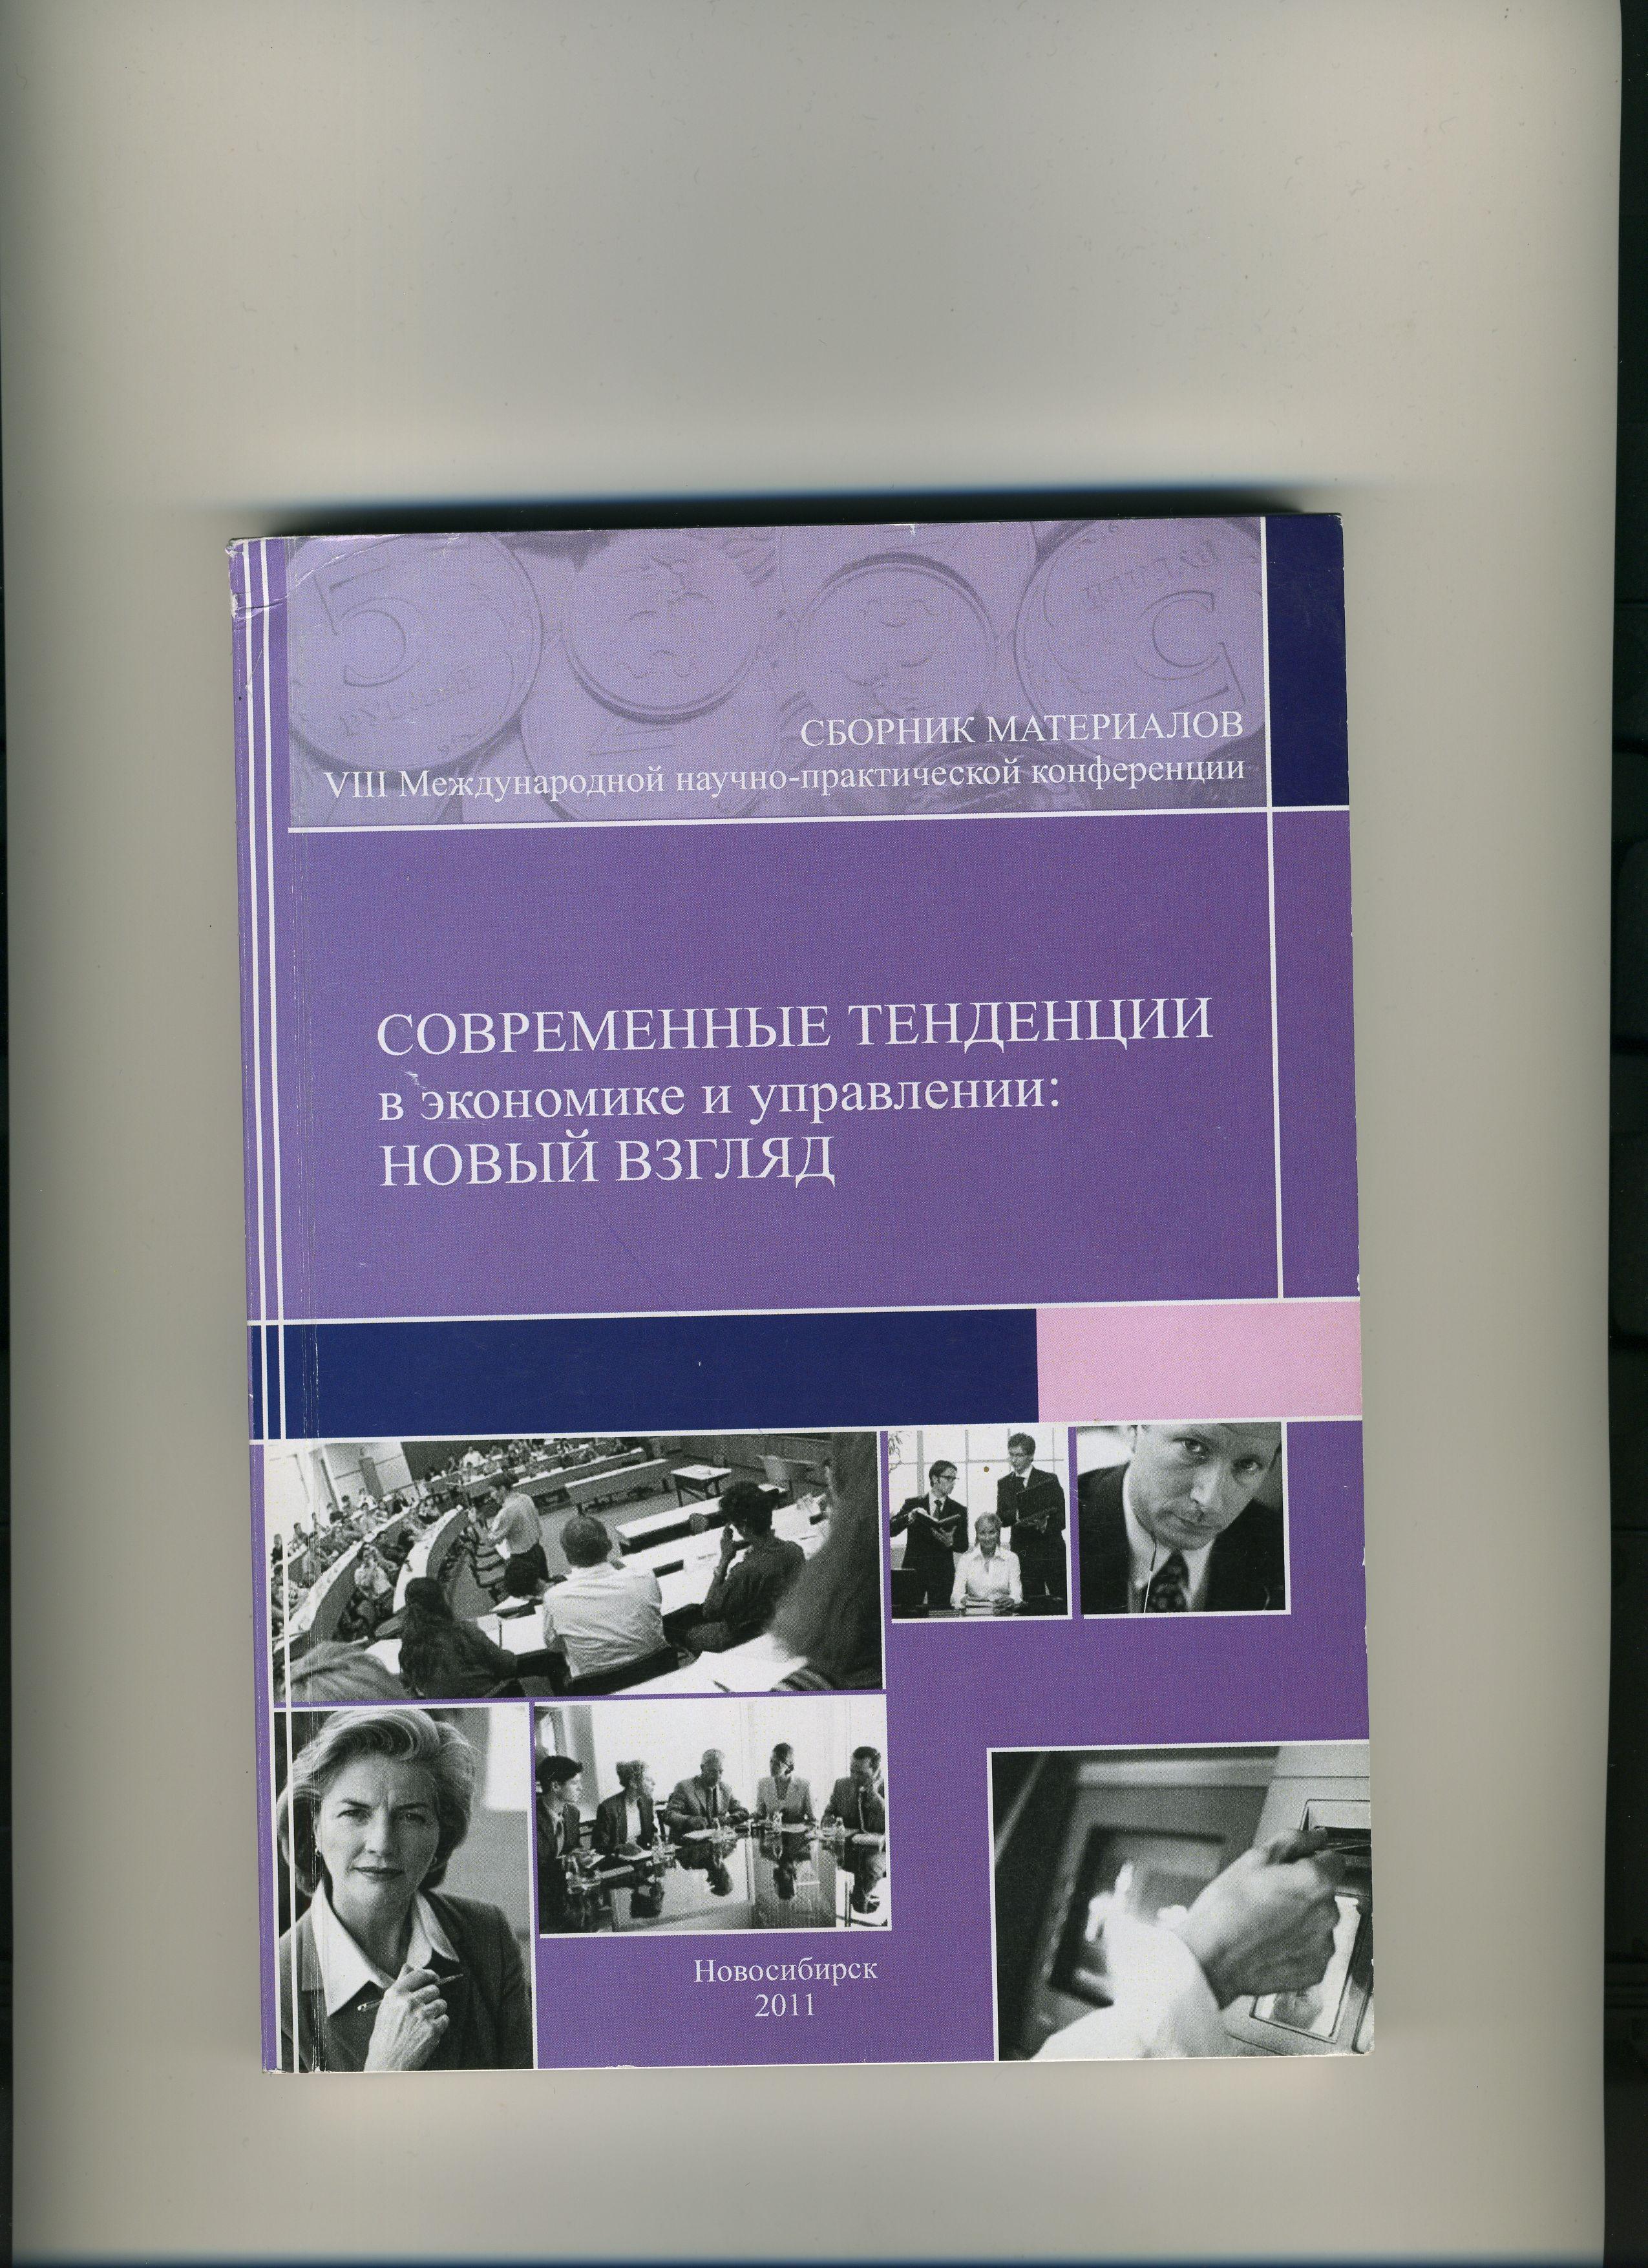 Современные проблемы организации проектного финансирования инвестиционных проектов предприятий малого и среднего бизнеса в российской экономике